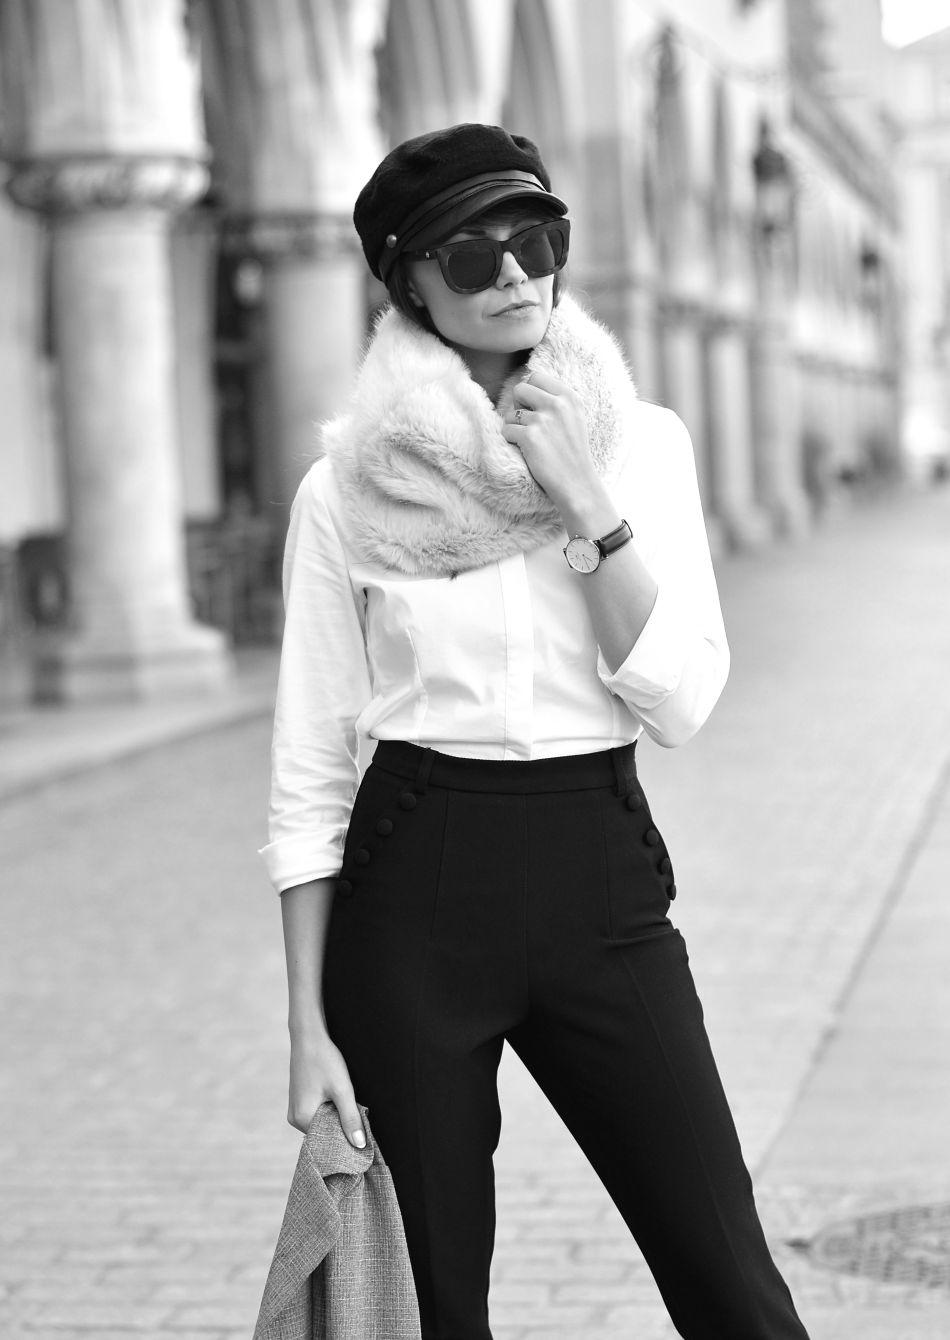 blogi o modzie | blog o modzie | blogerka krakow | popularne blogi modowe | futrzany komin | etola | biala koszula | tova | hm trend spodnie